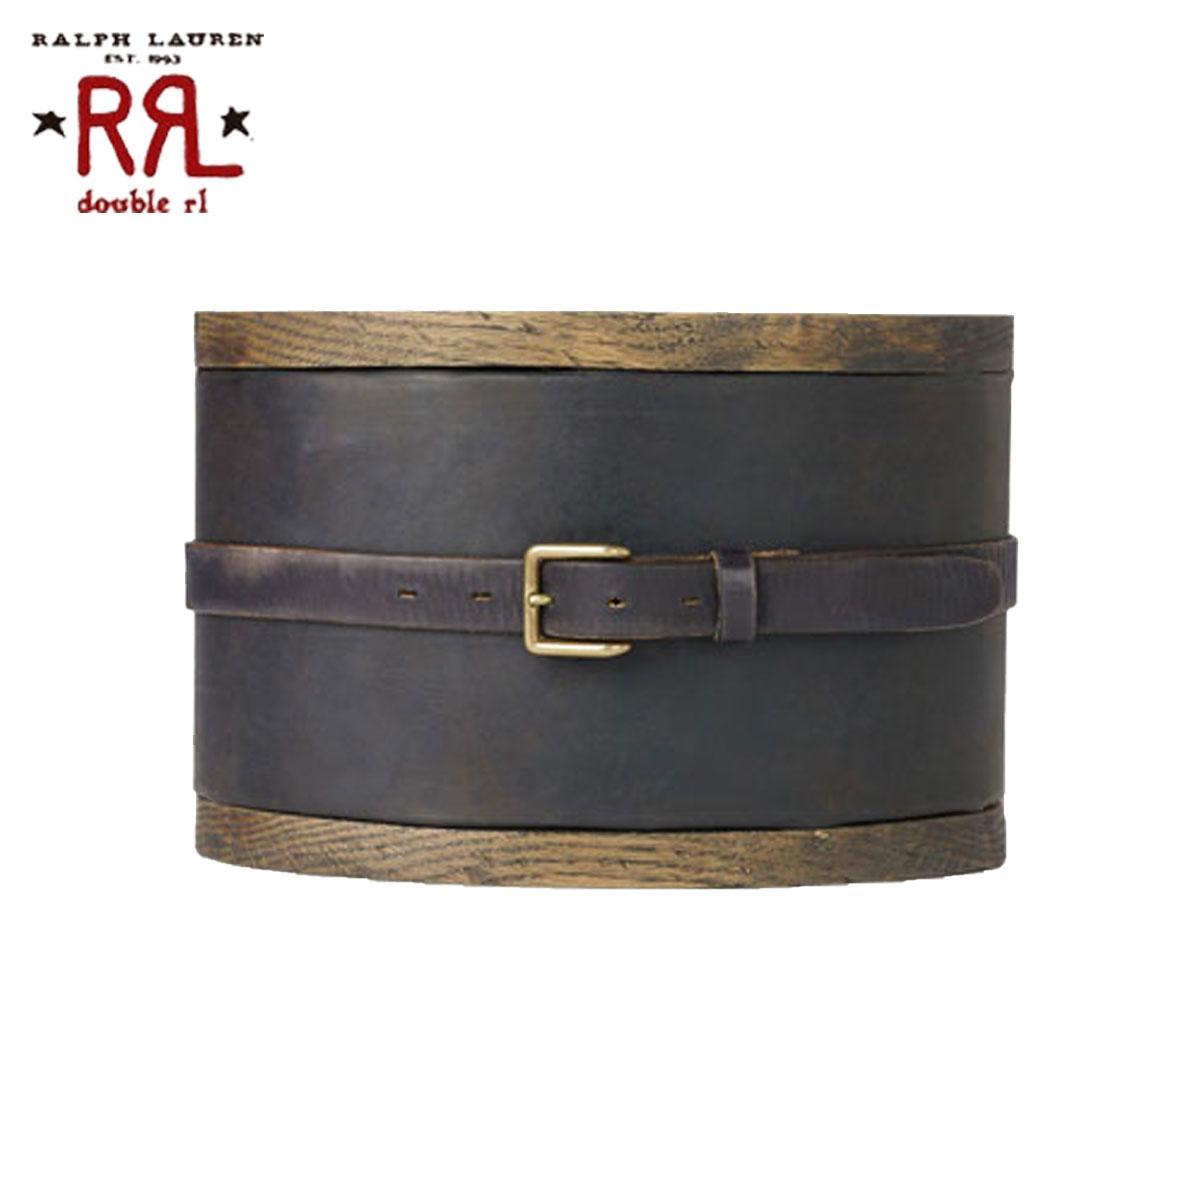 ベルト・サスペンダー, メンズベルト 20OFF 84 20:00811 1:59 RRL Winston Leather Belt D20S30